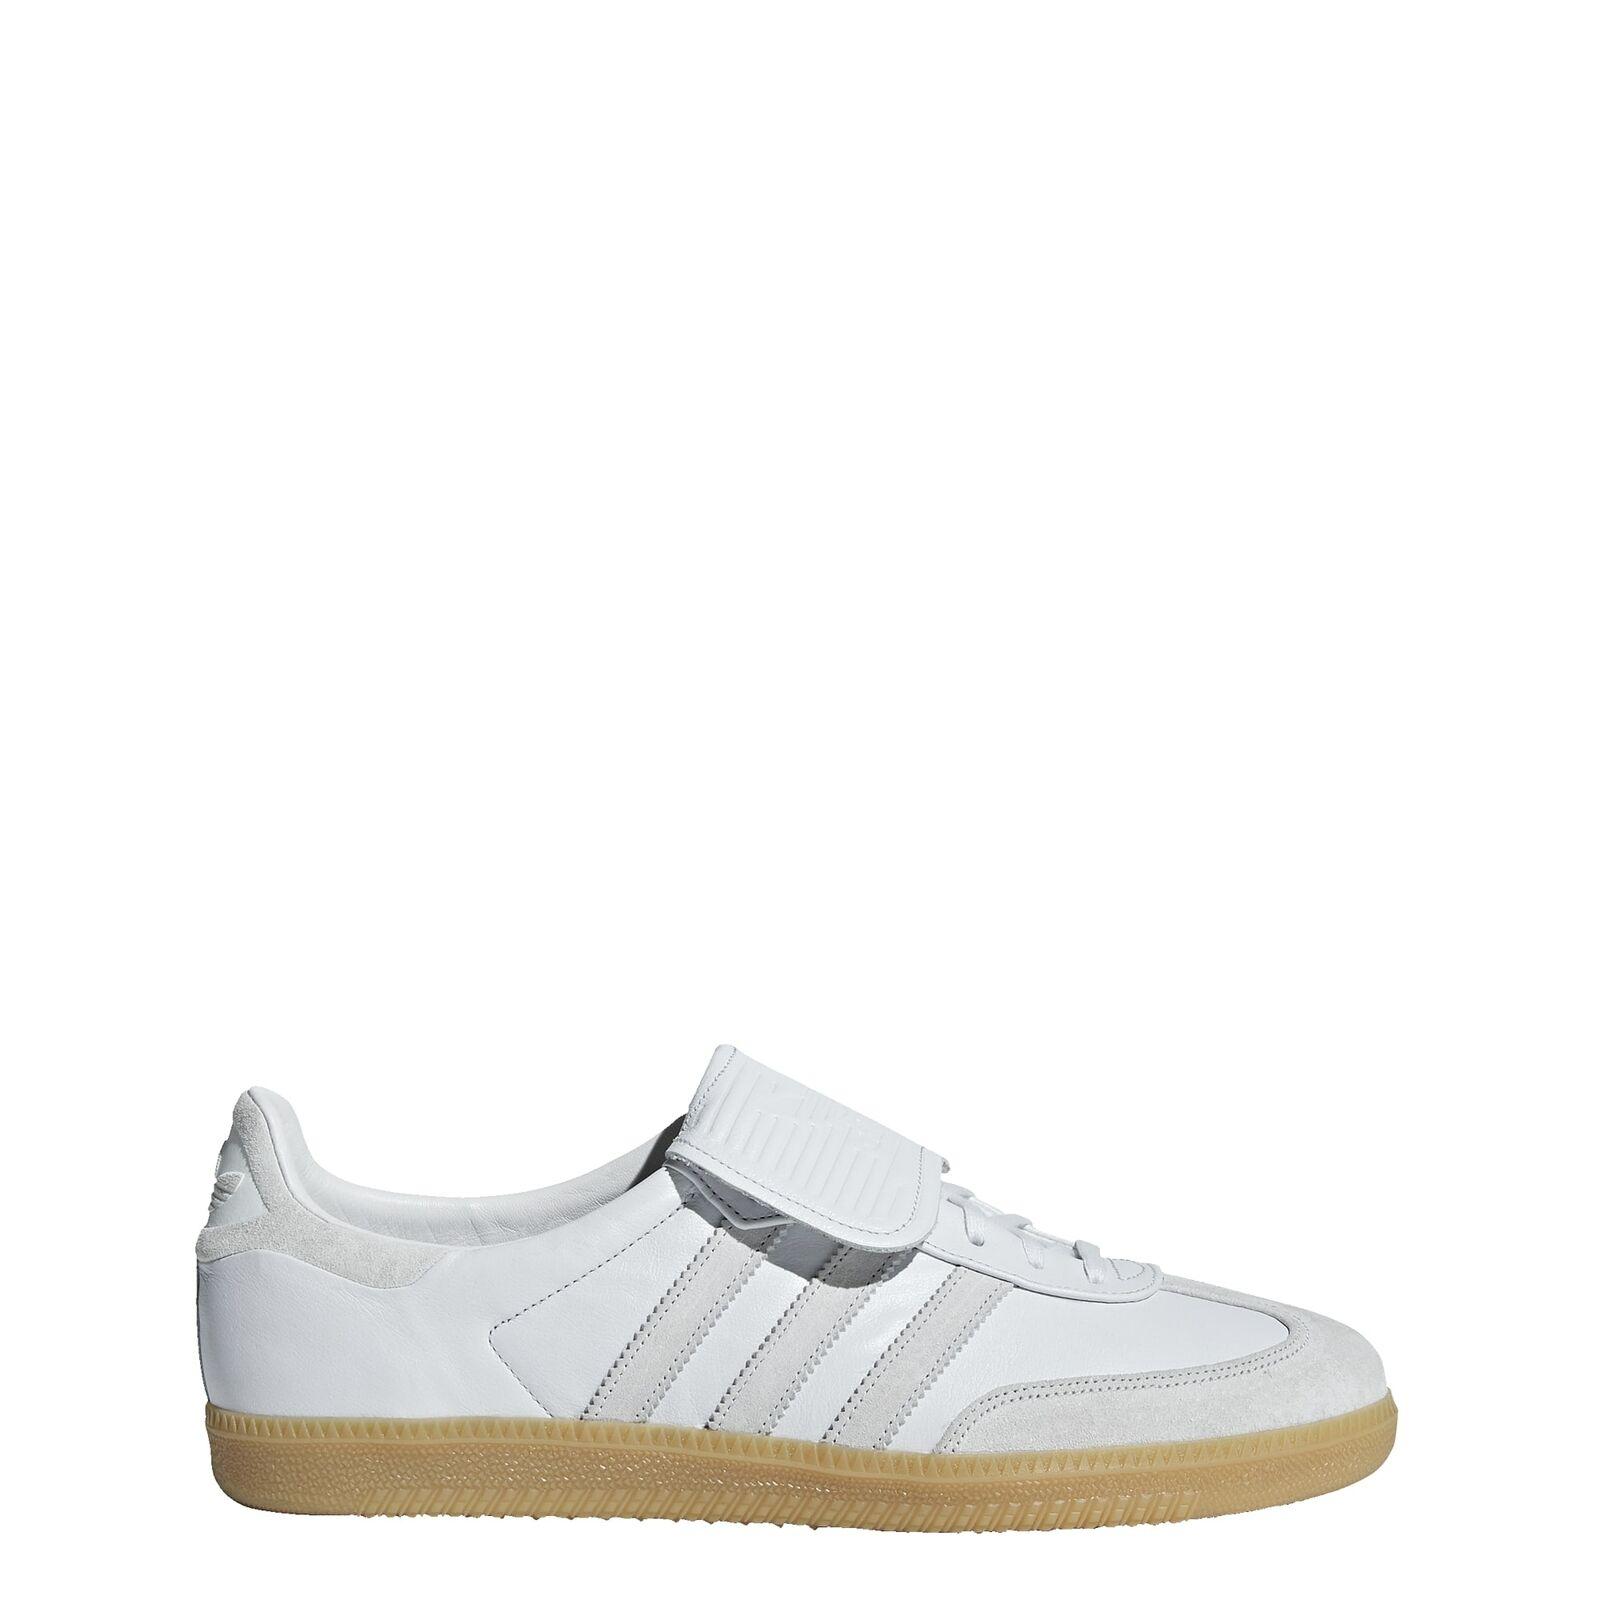 Adidas Originals Samba Recon LT Schuh Damen Trainers;Lifestyle Trainers Weiß